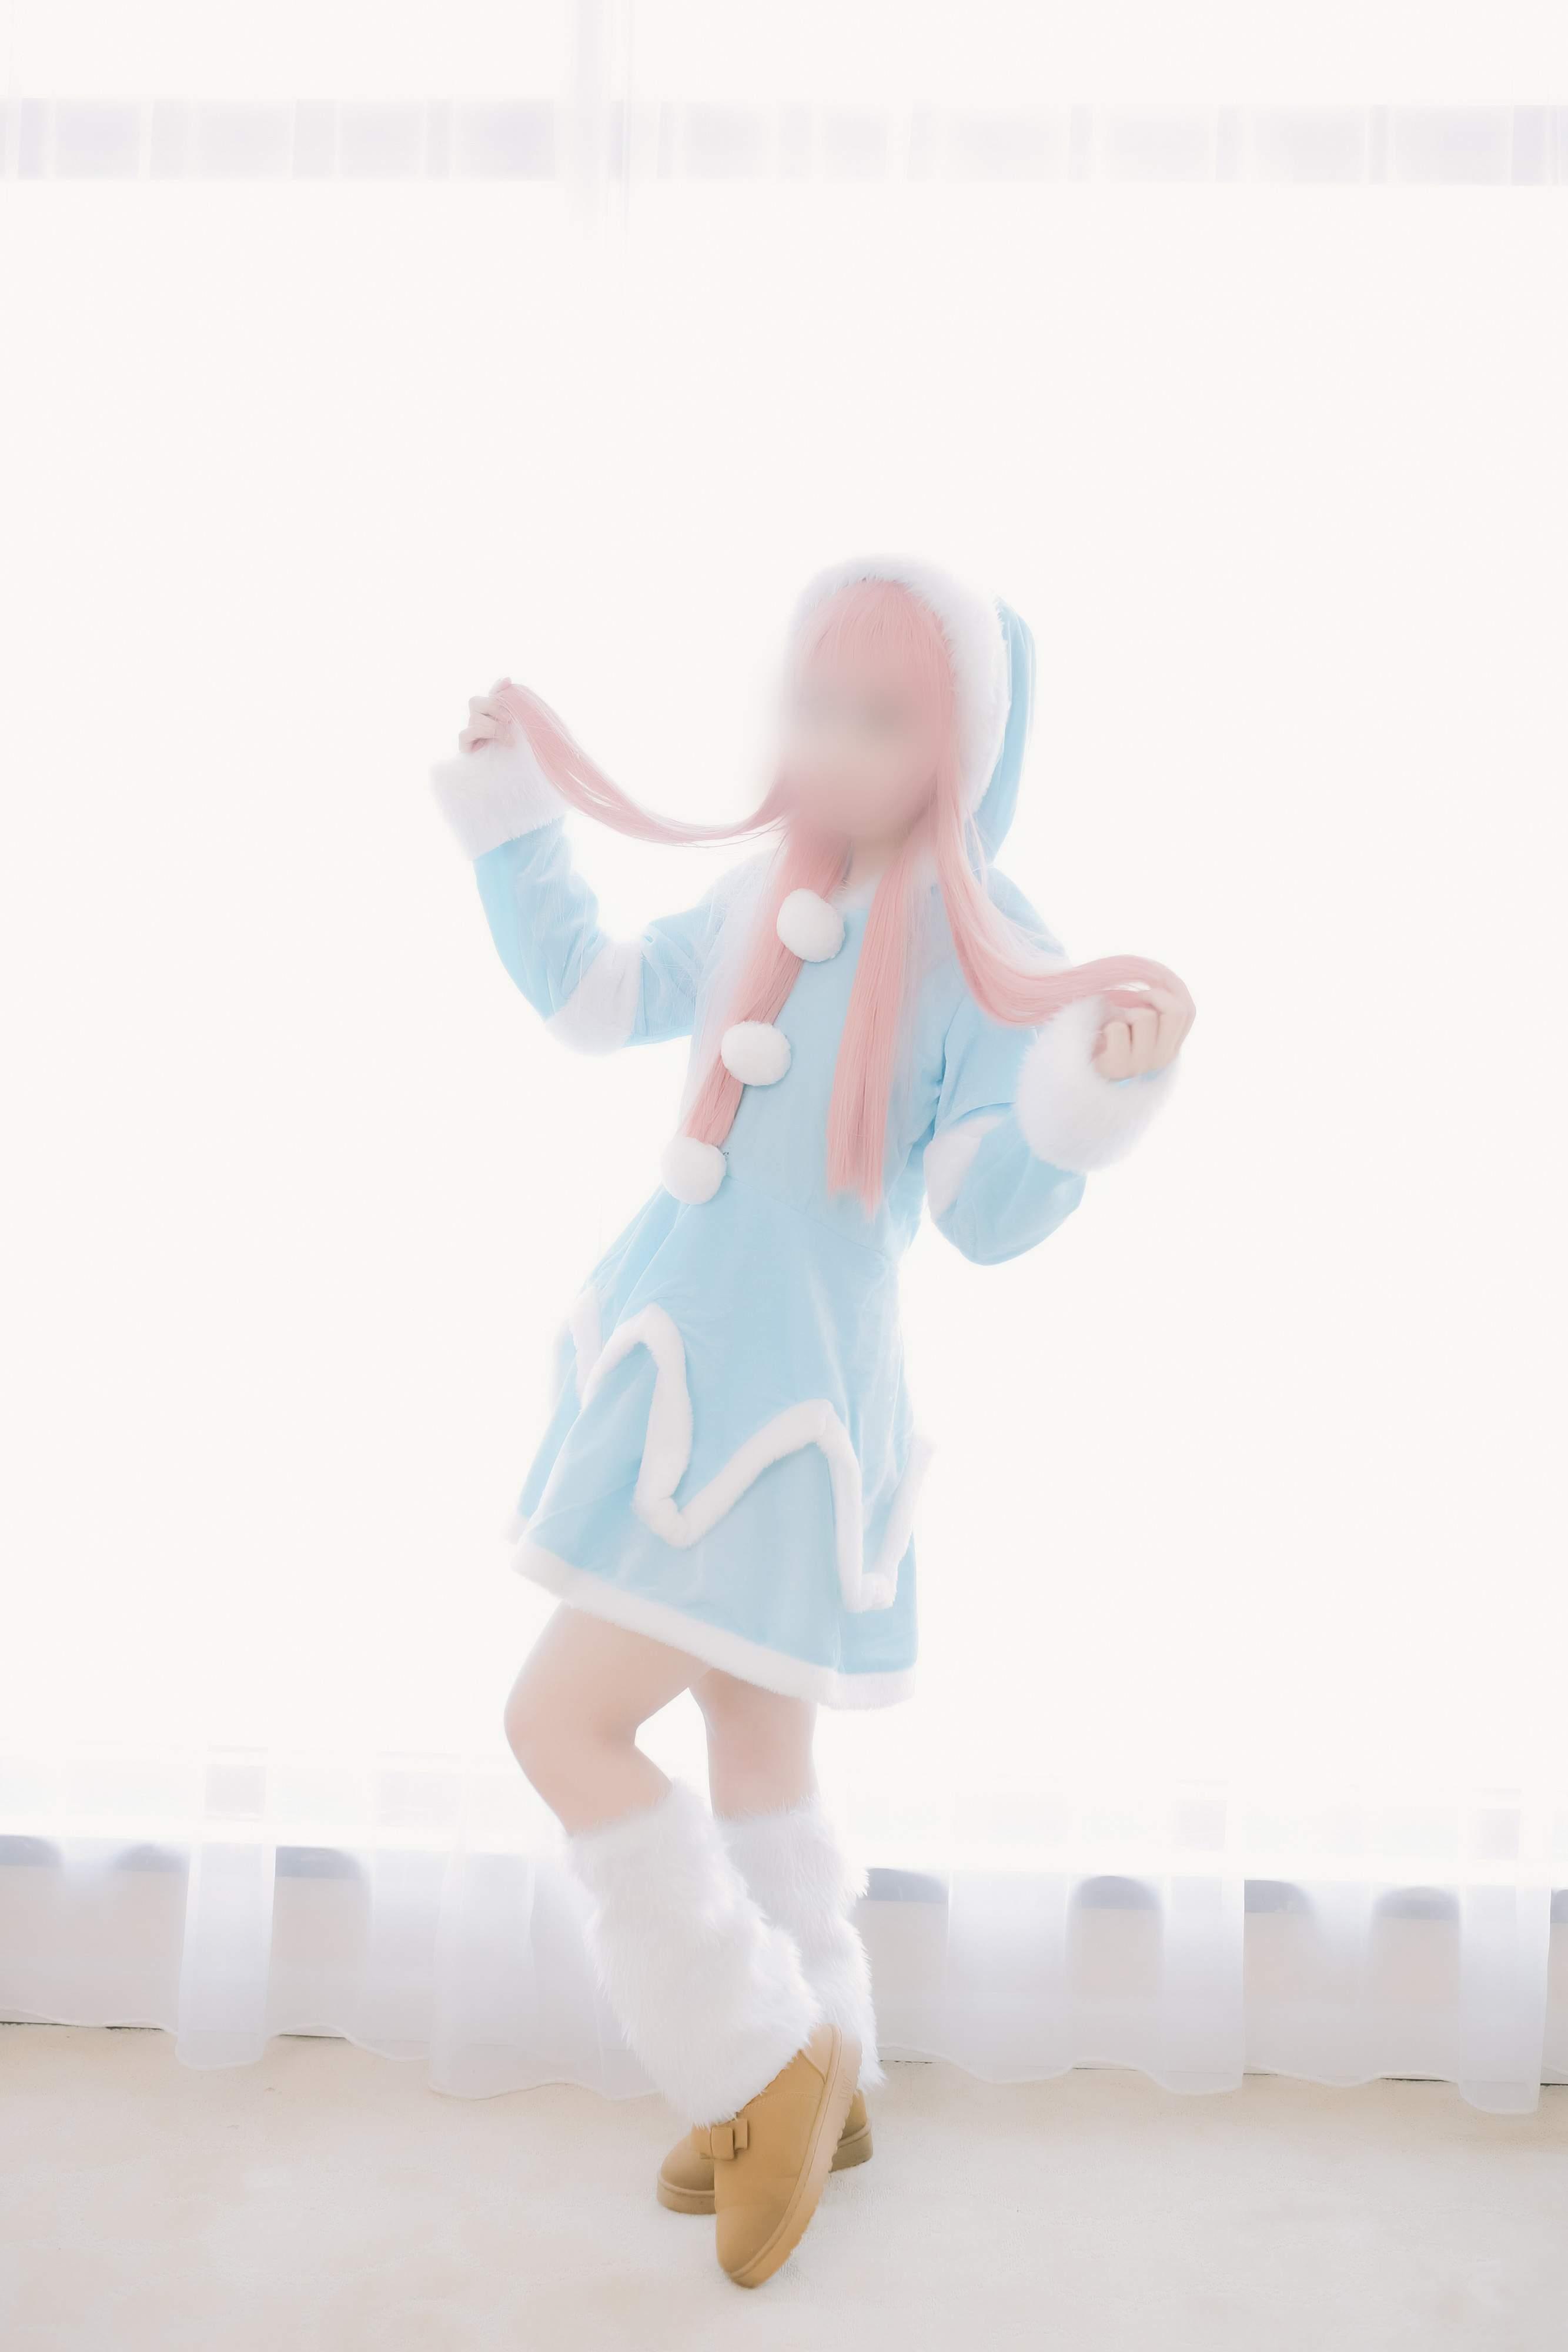 【Cosplay】【少女映画】冰霜烈焰·安妮 60p COS-第2张